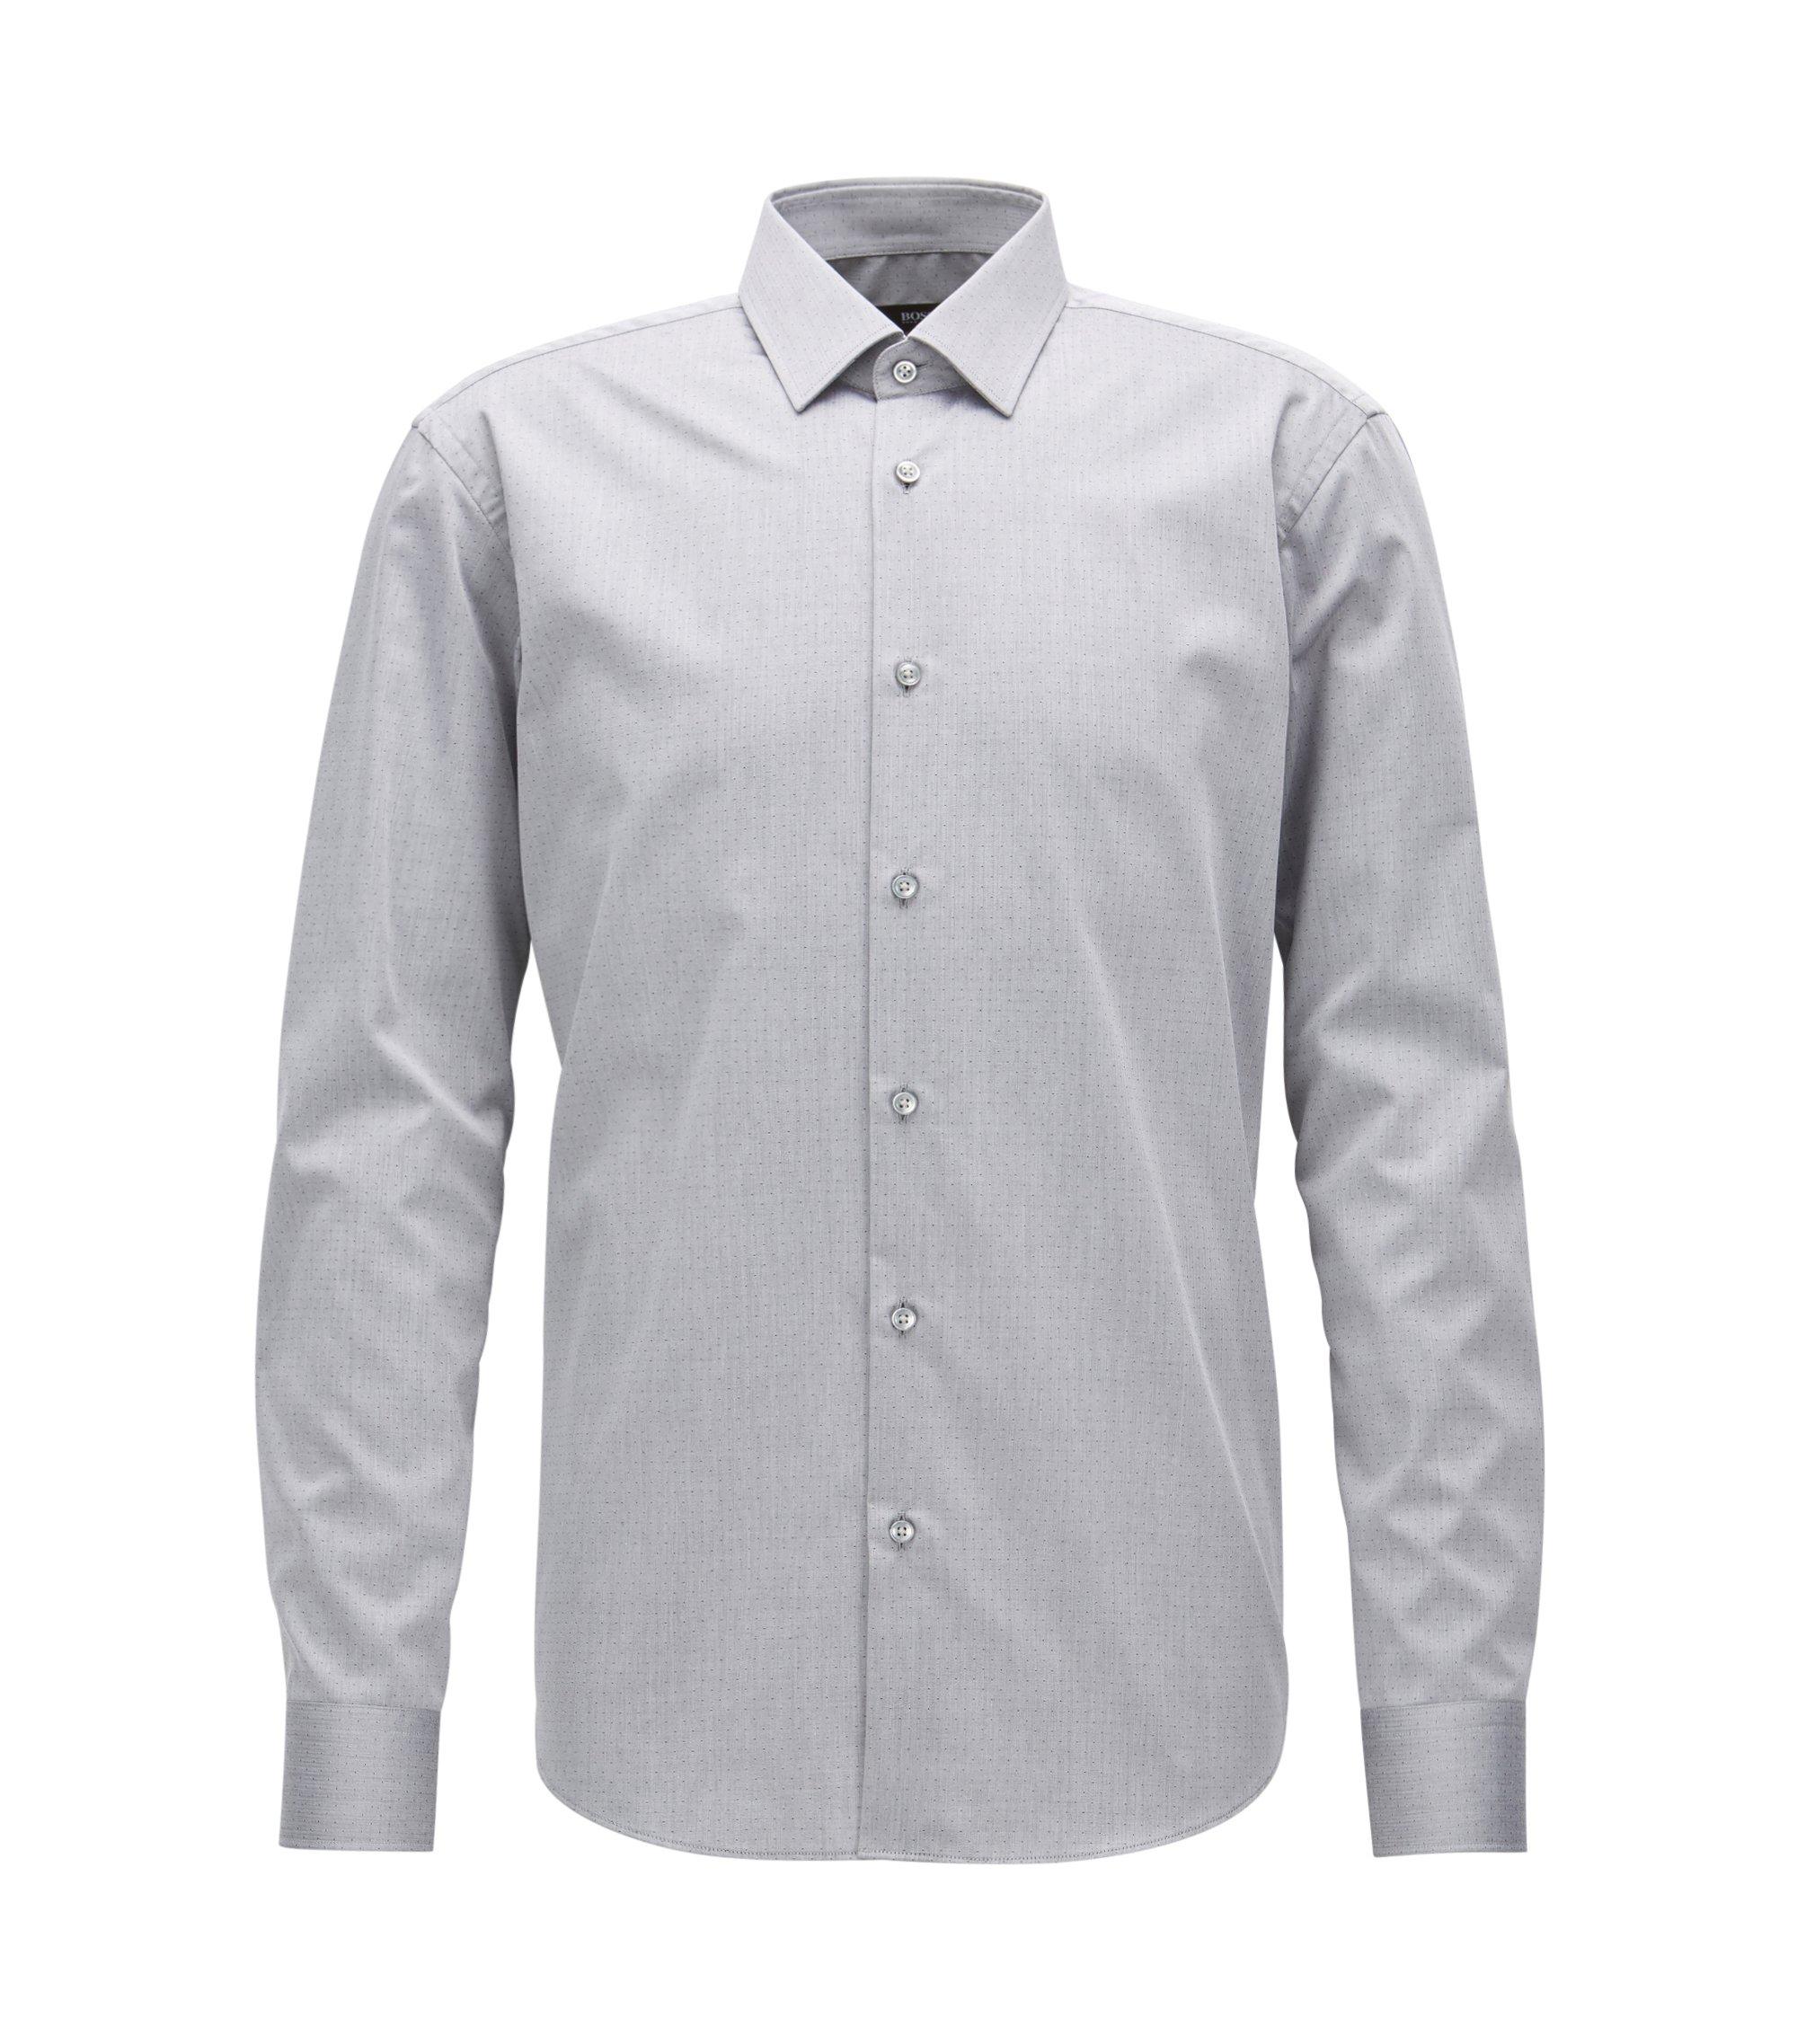 Regular-Fit Hemd aus knitterfreier Baumwolle, Grau